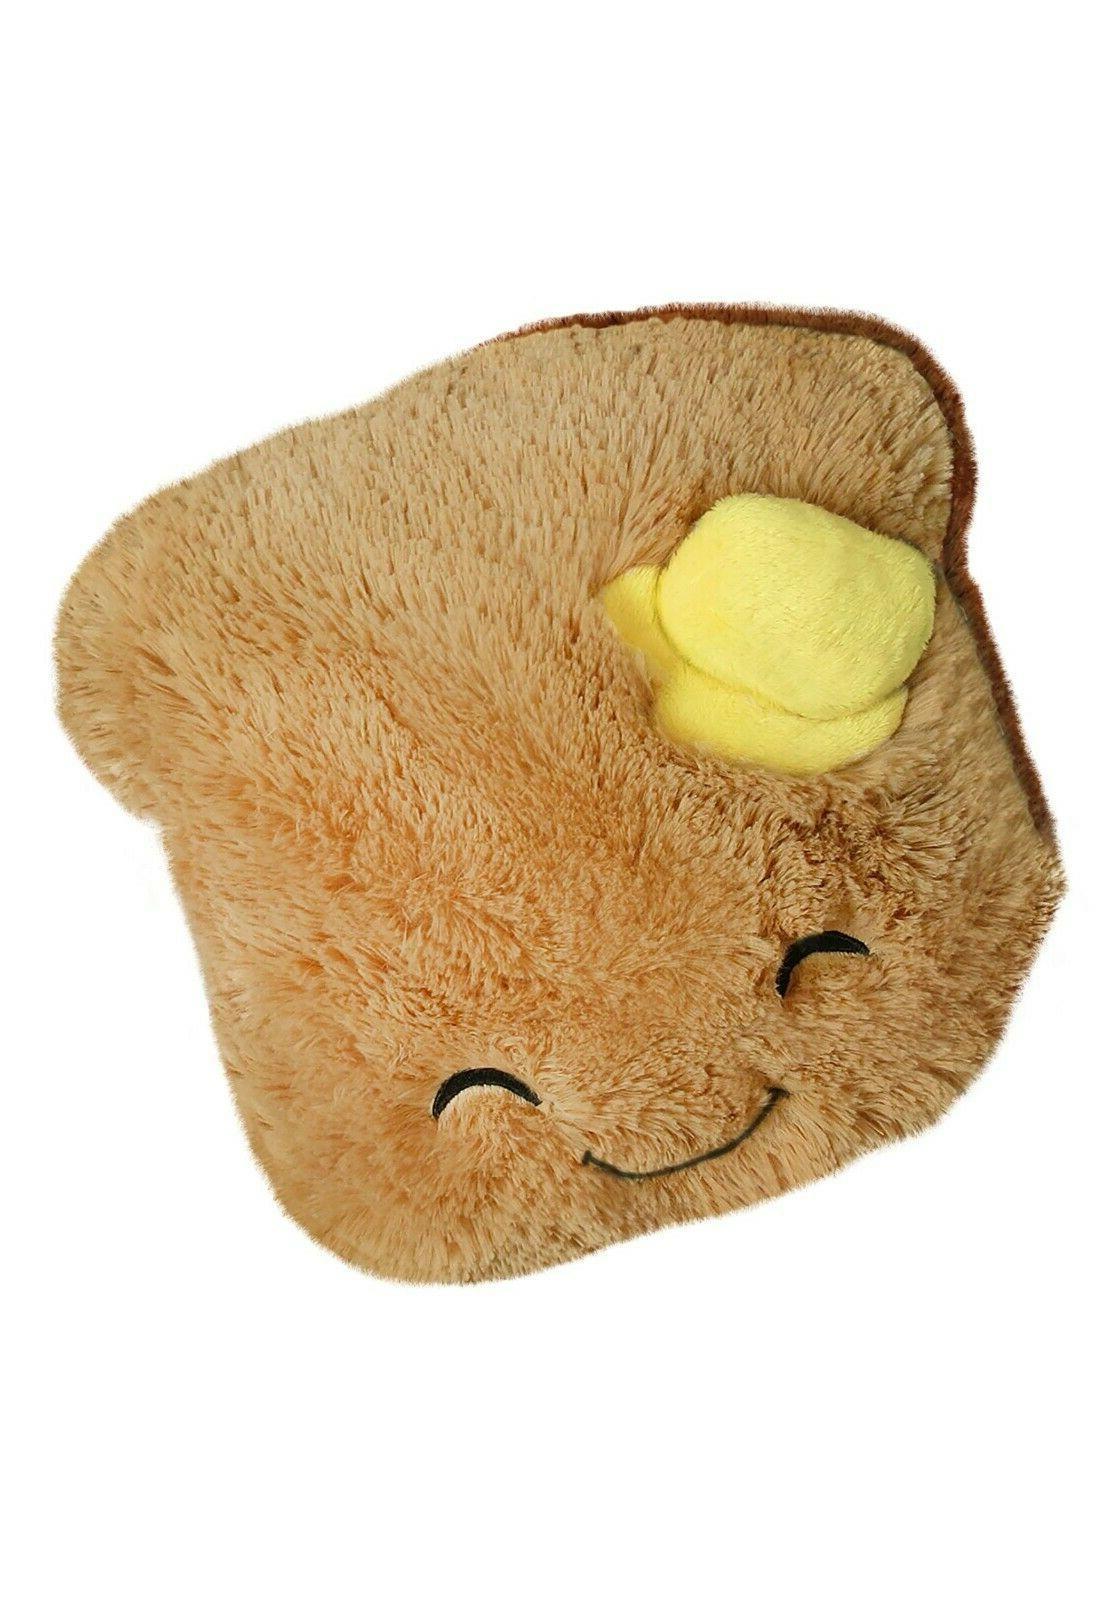 mini comfort food toast stuffed plush figure